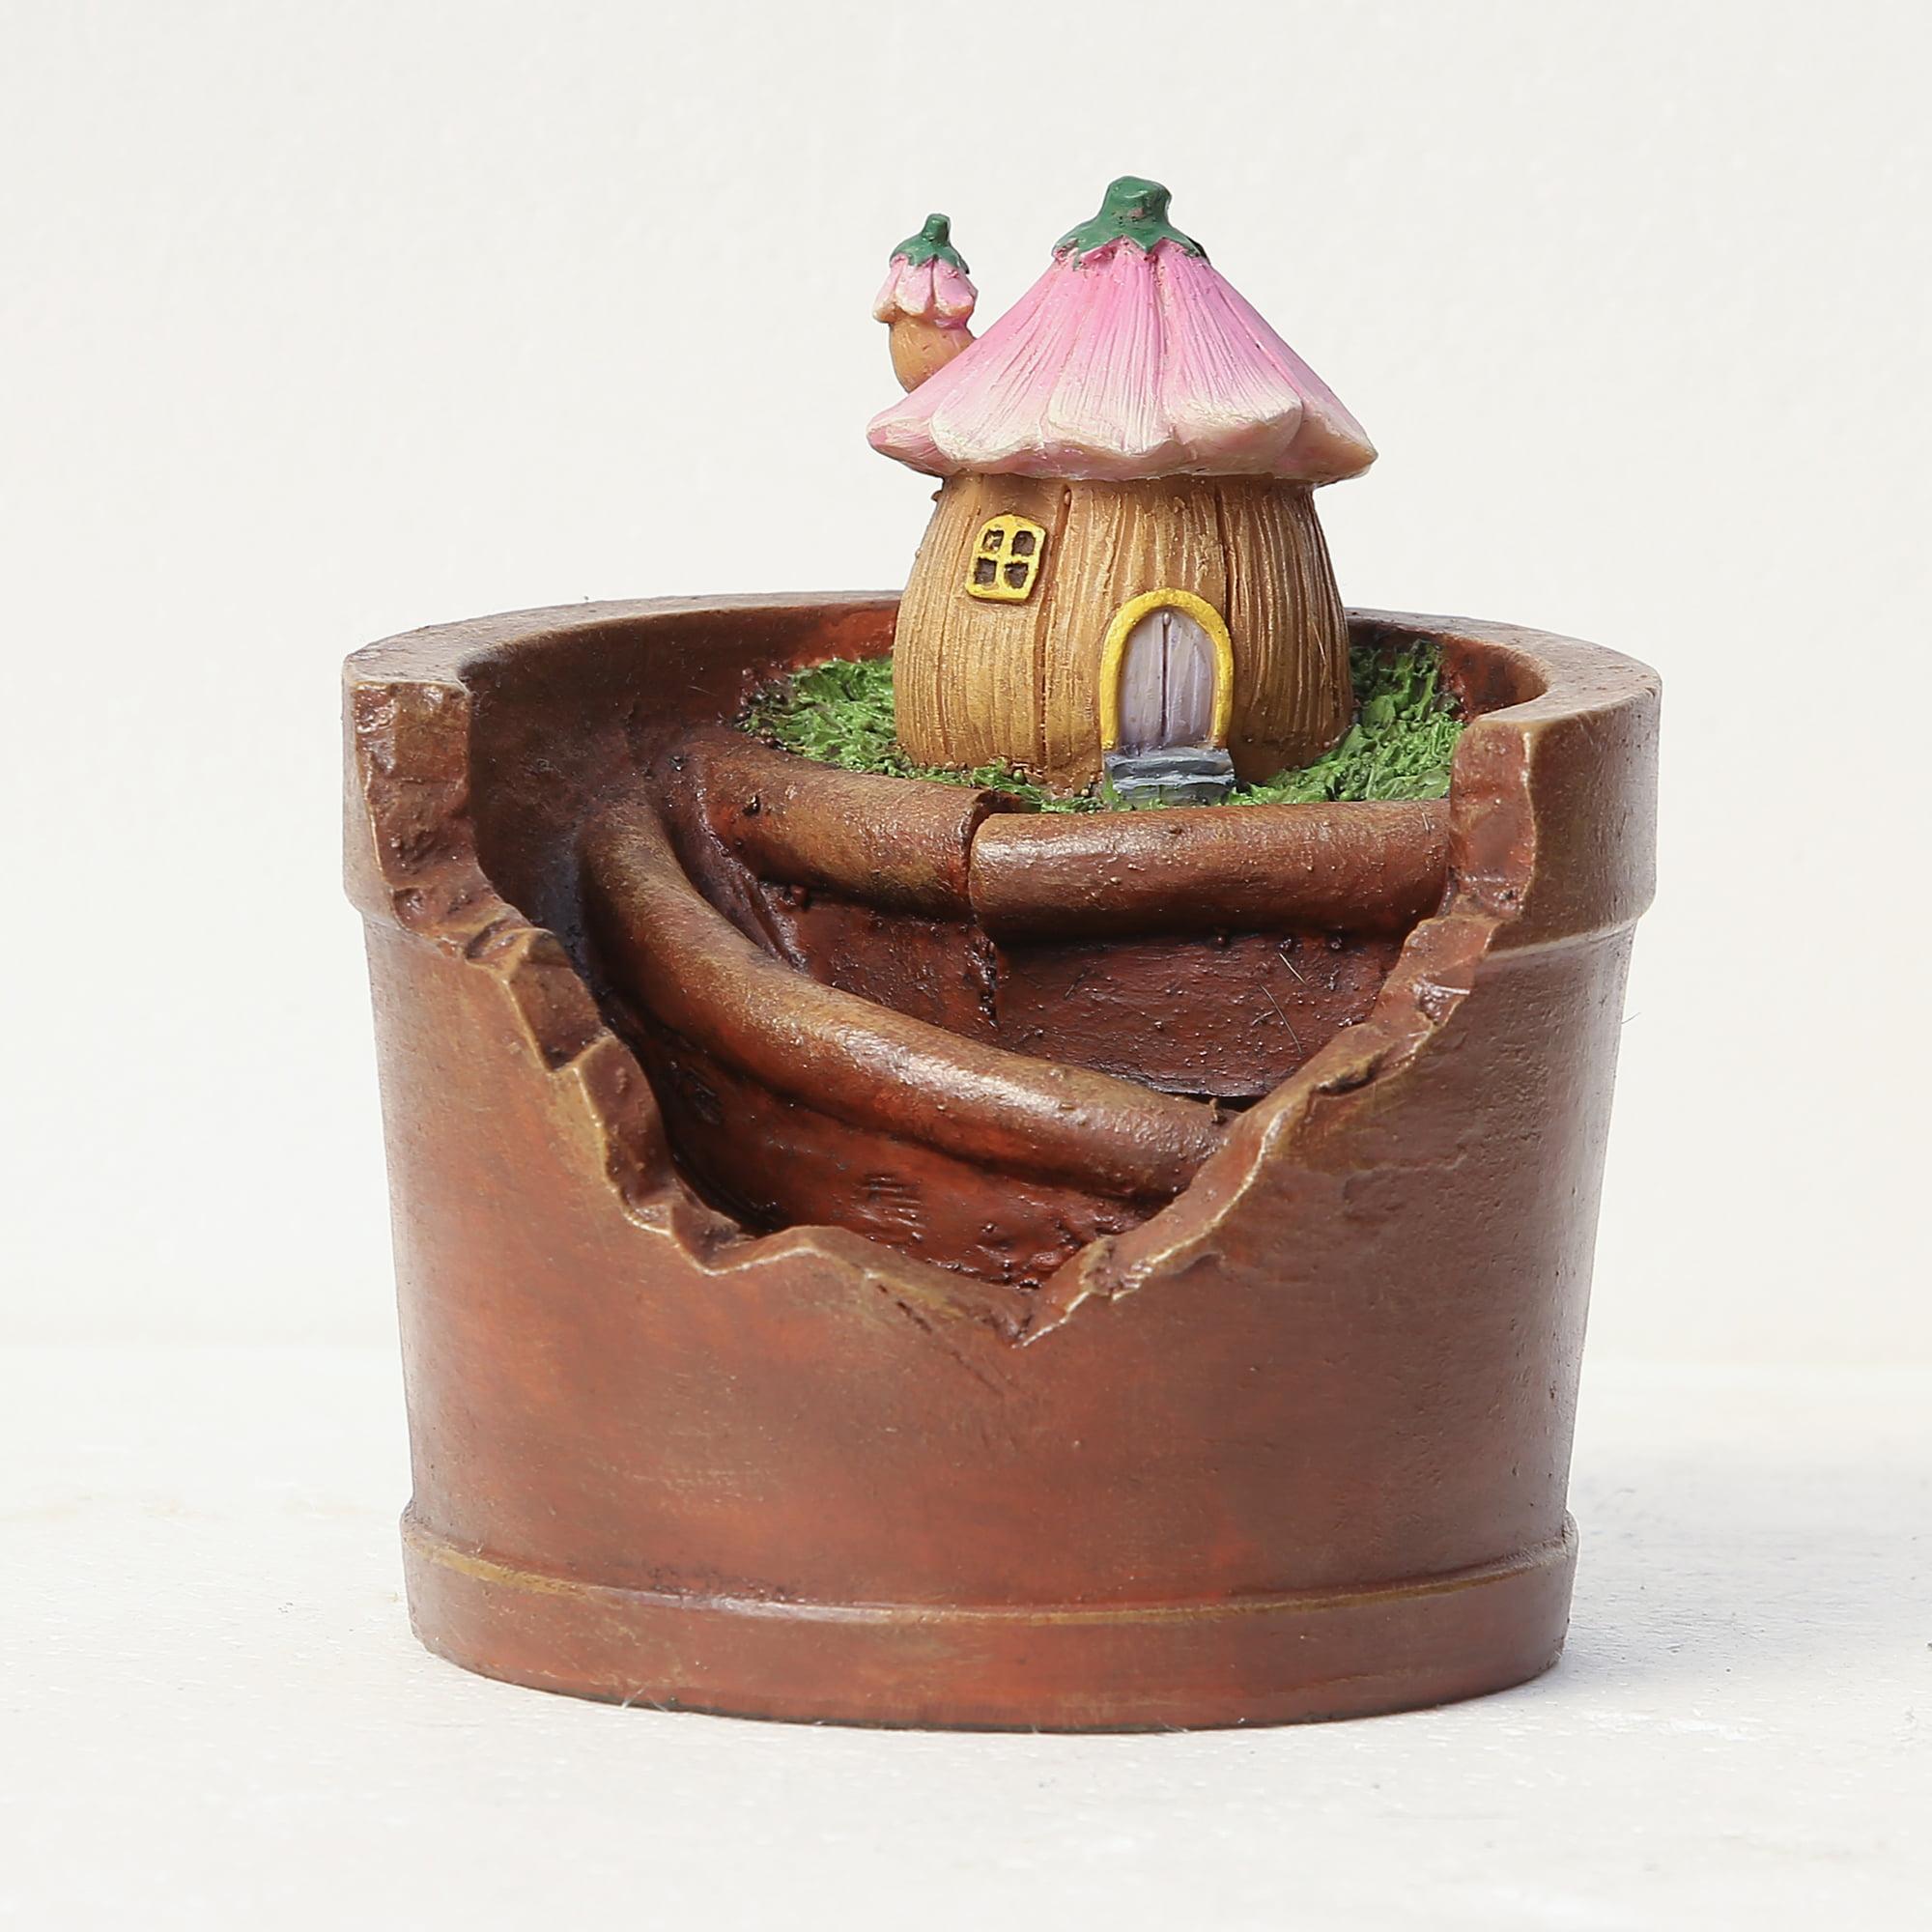 Flower House Planter Miniature Fairy Garden - Walmart.com